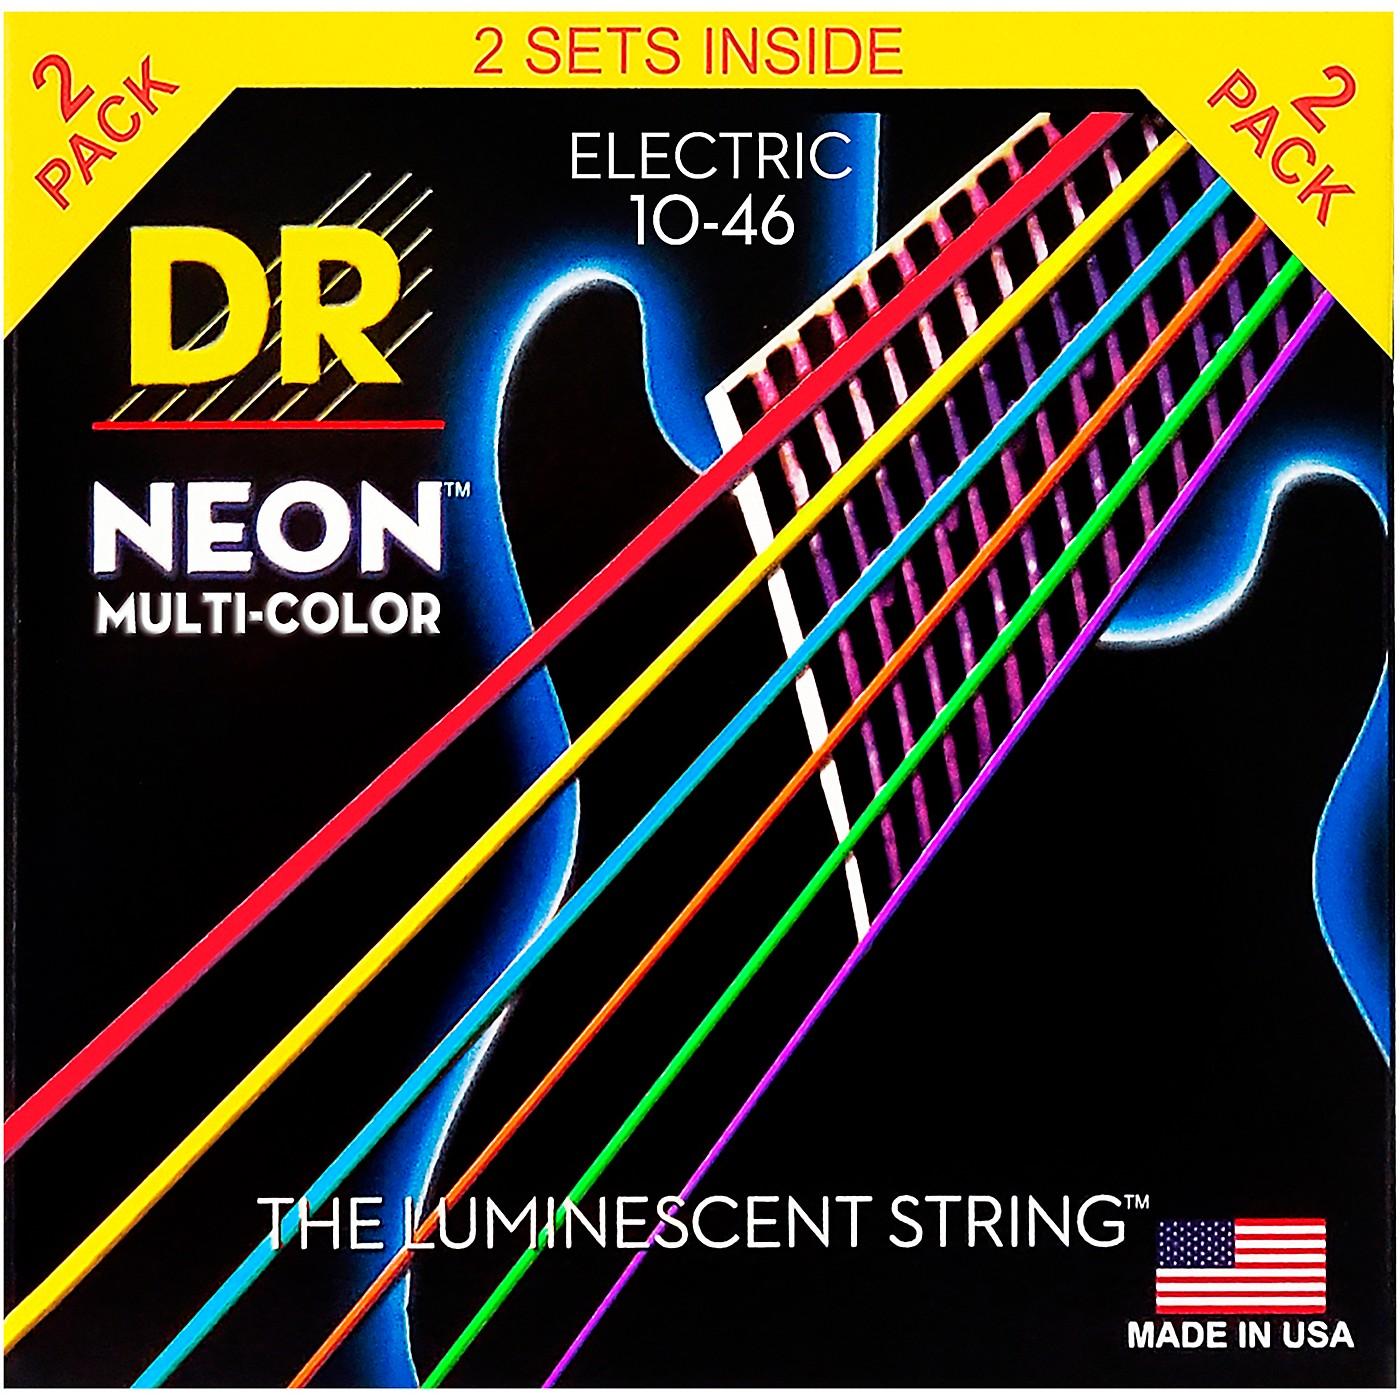 DR Strings Hi-Def NEON Multi-Color Medium Electric Guitar Strings (10-46) 2 Pack thumbnail